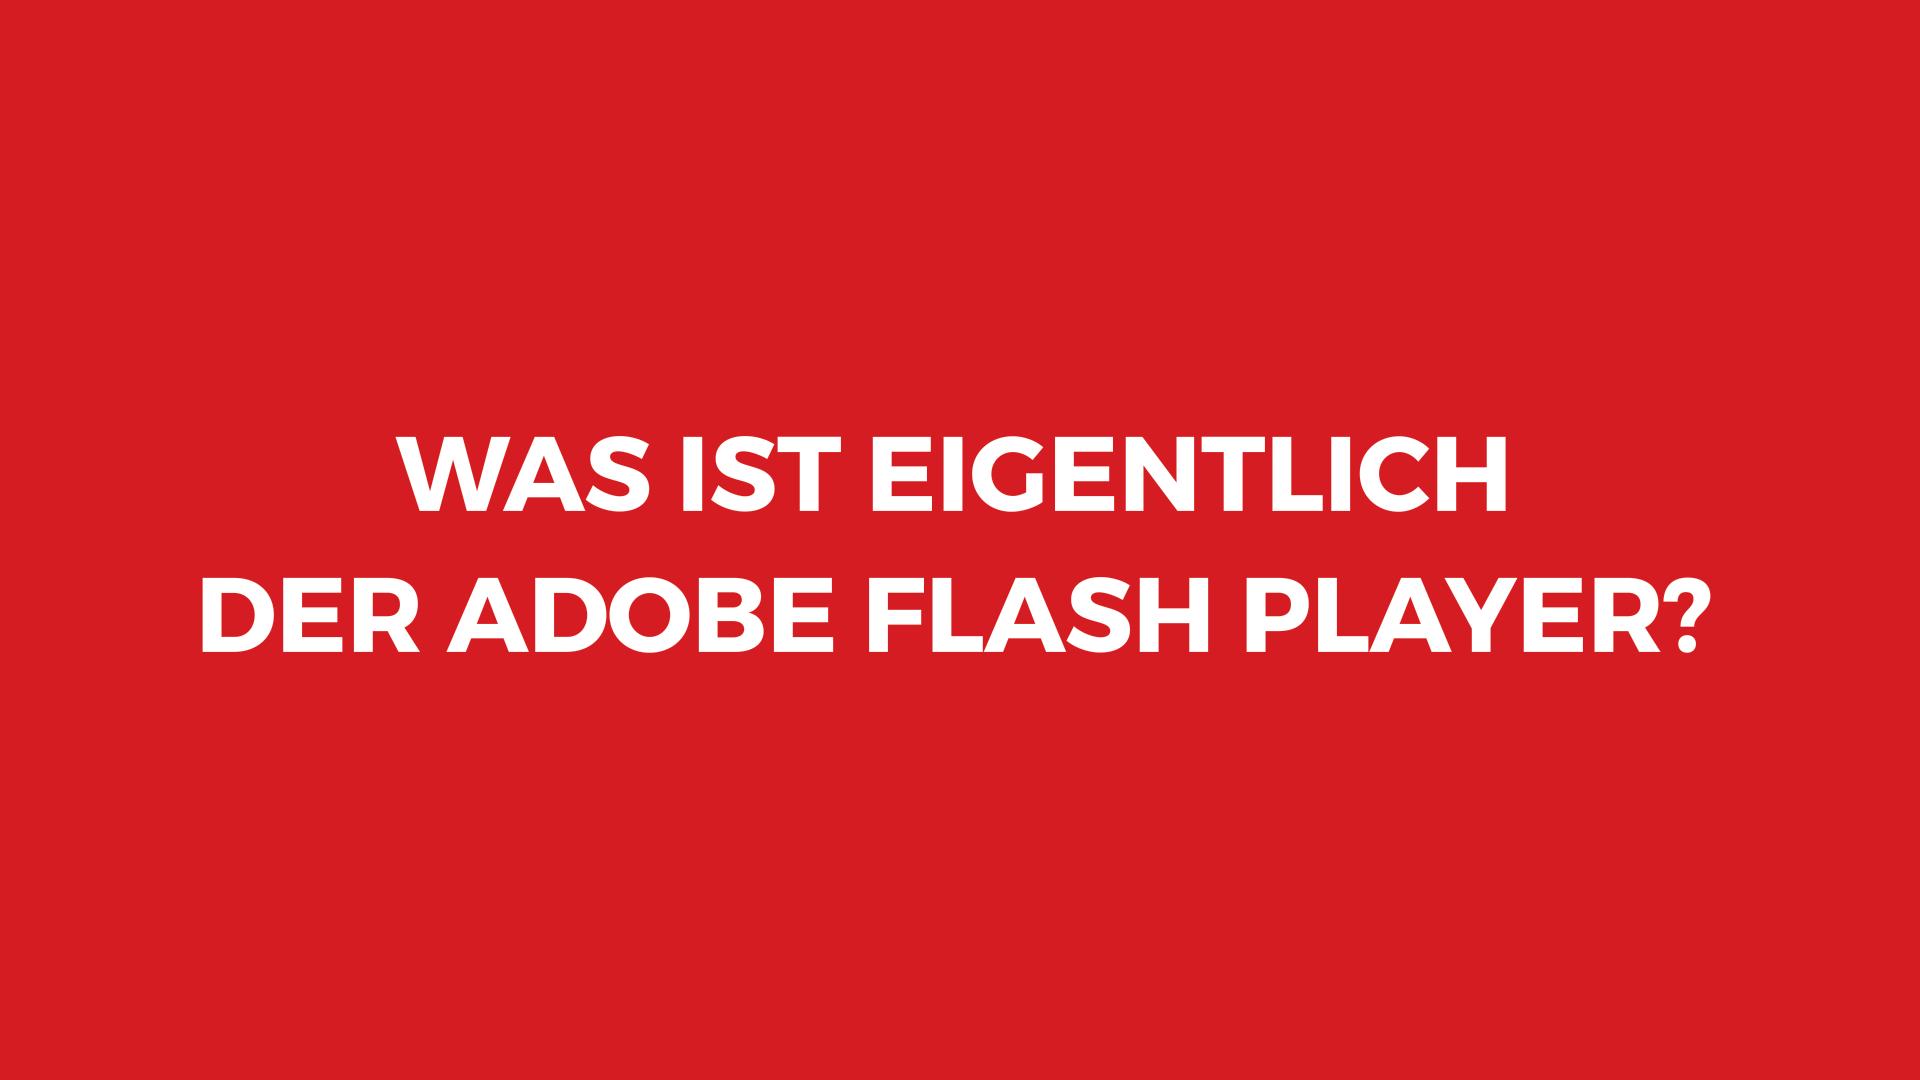 Alles, was man über den Adobe Flash Player wissen sollte